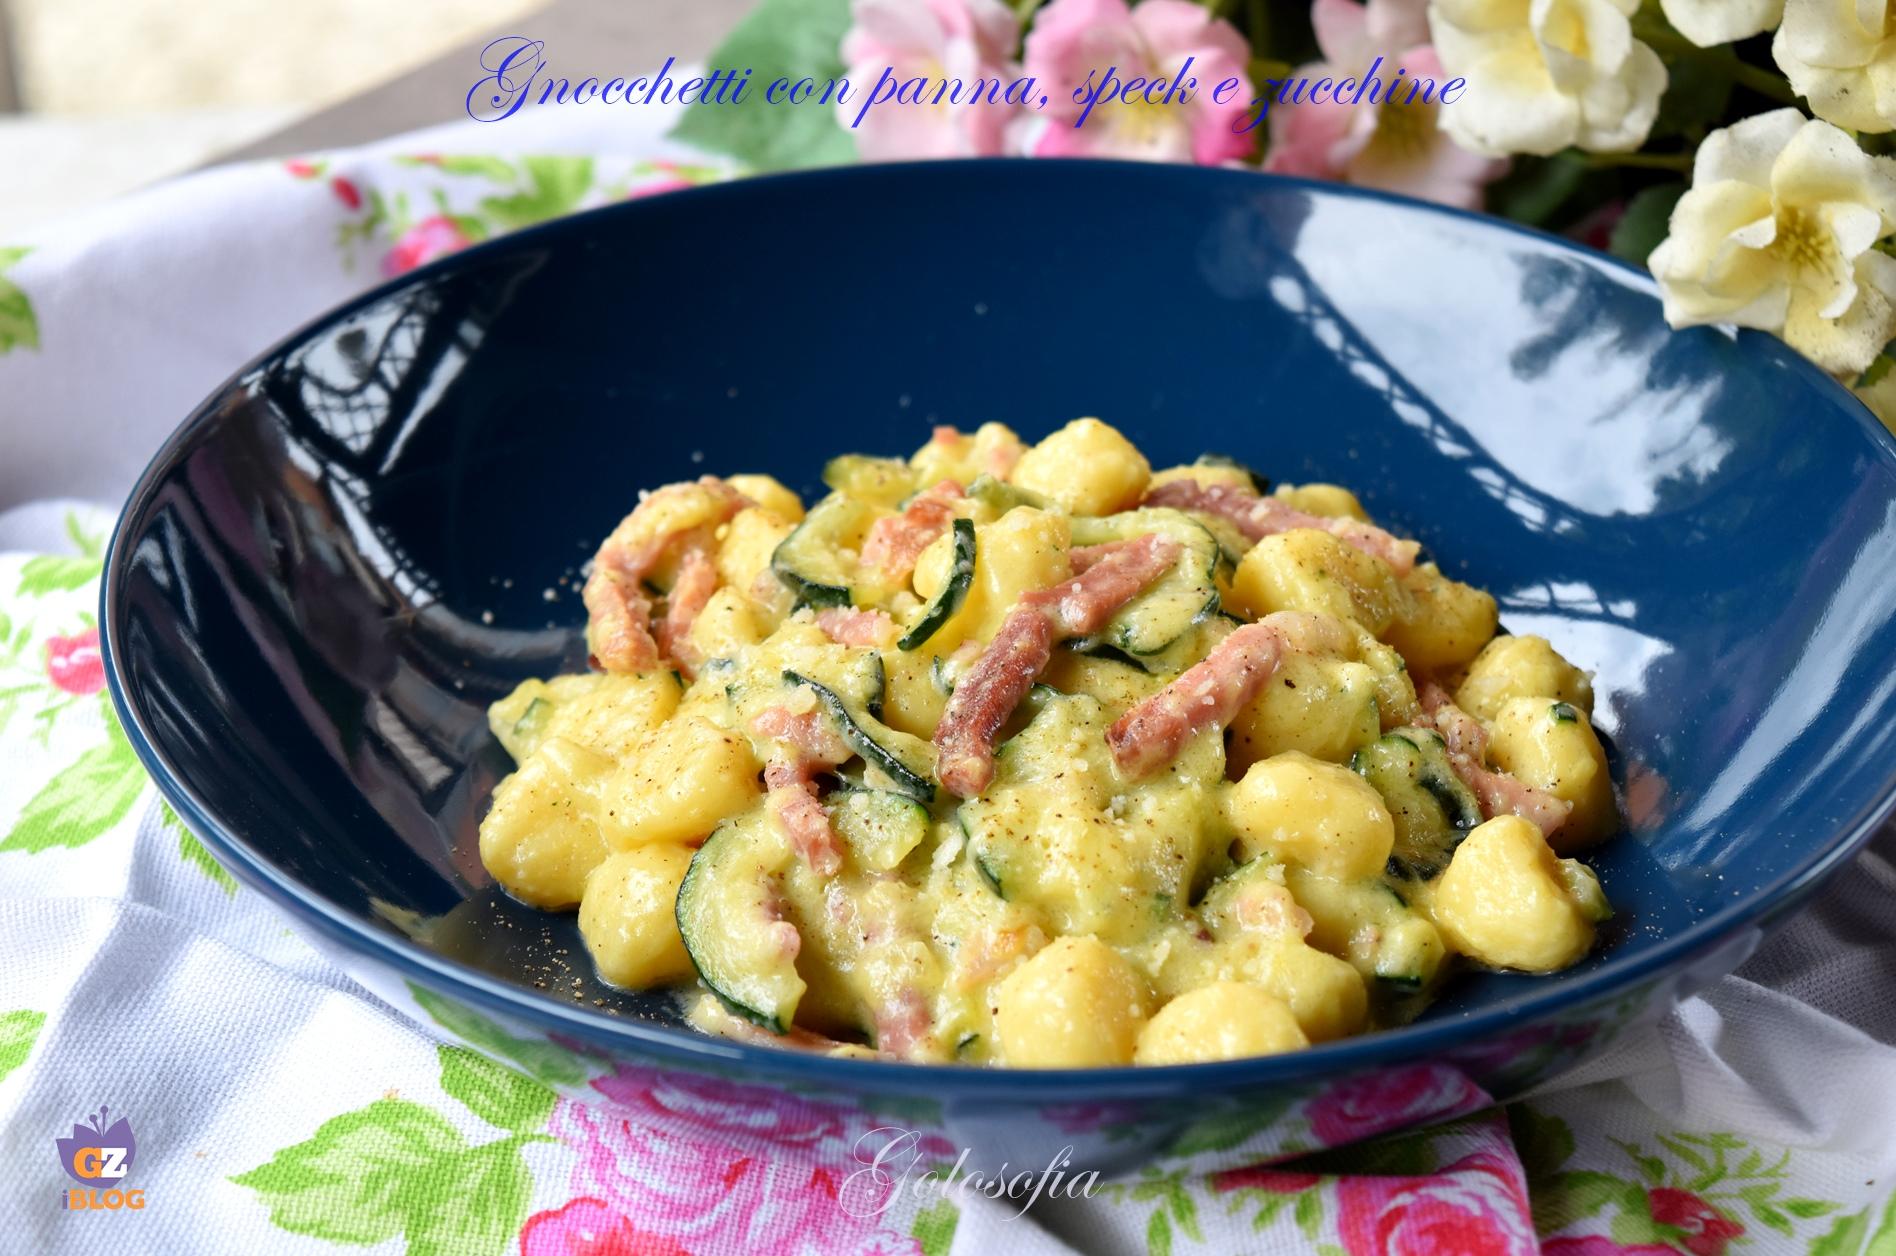 Ricette Con Gnocchi E Speck.Gnocchetti Con Panna Speck E Zucchine Ricetta Fantastica